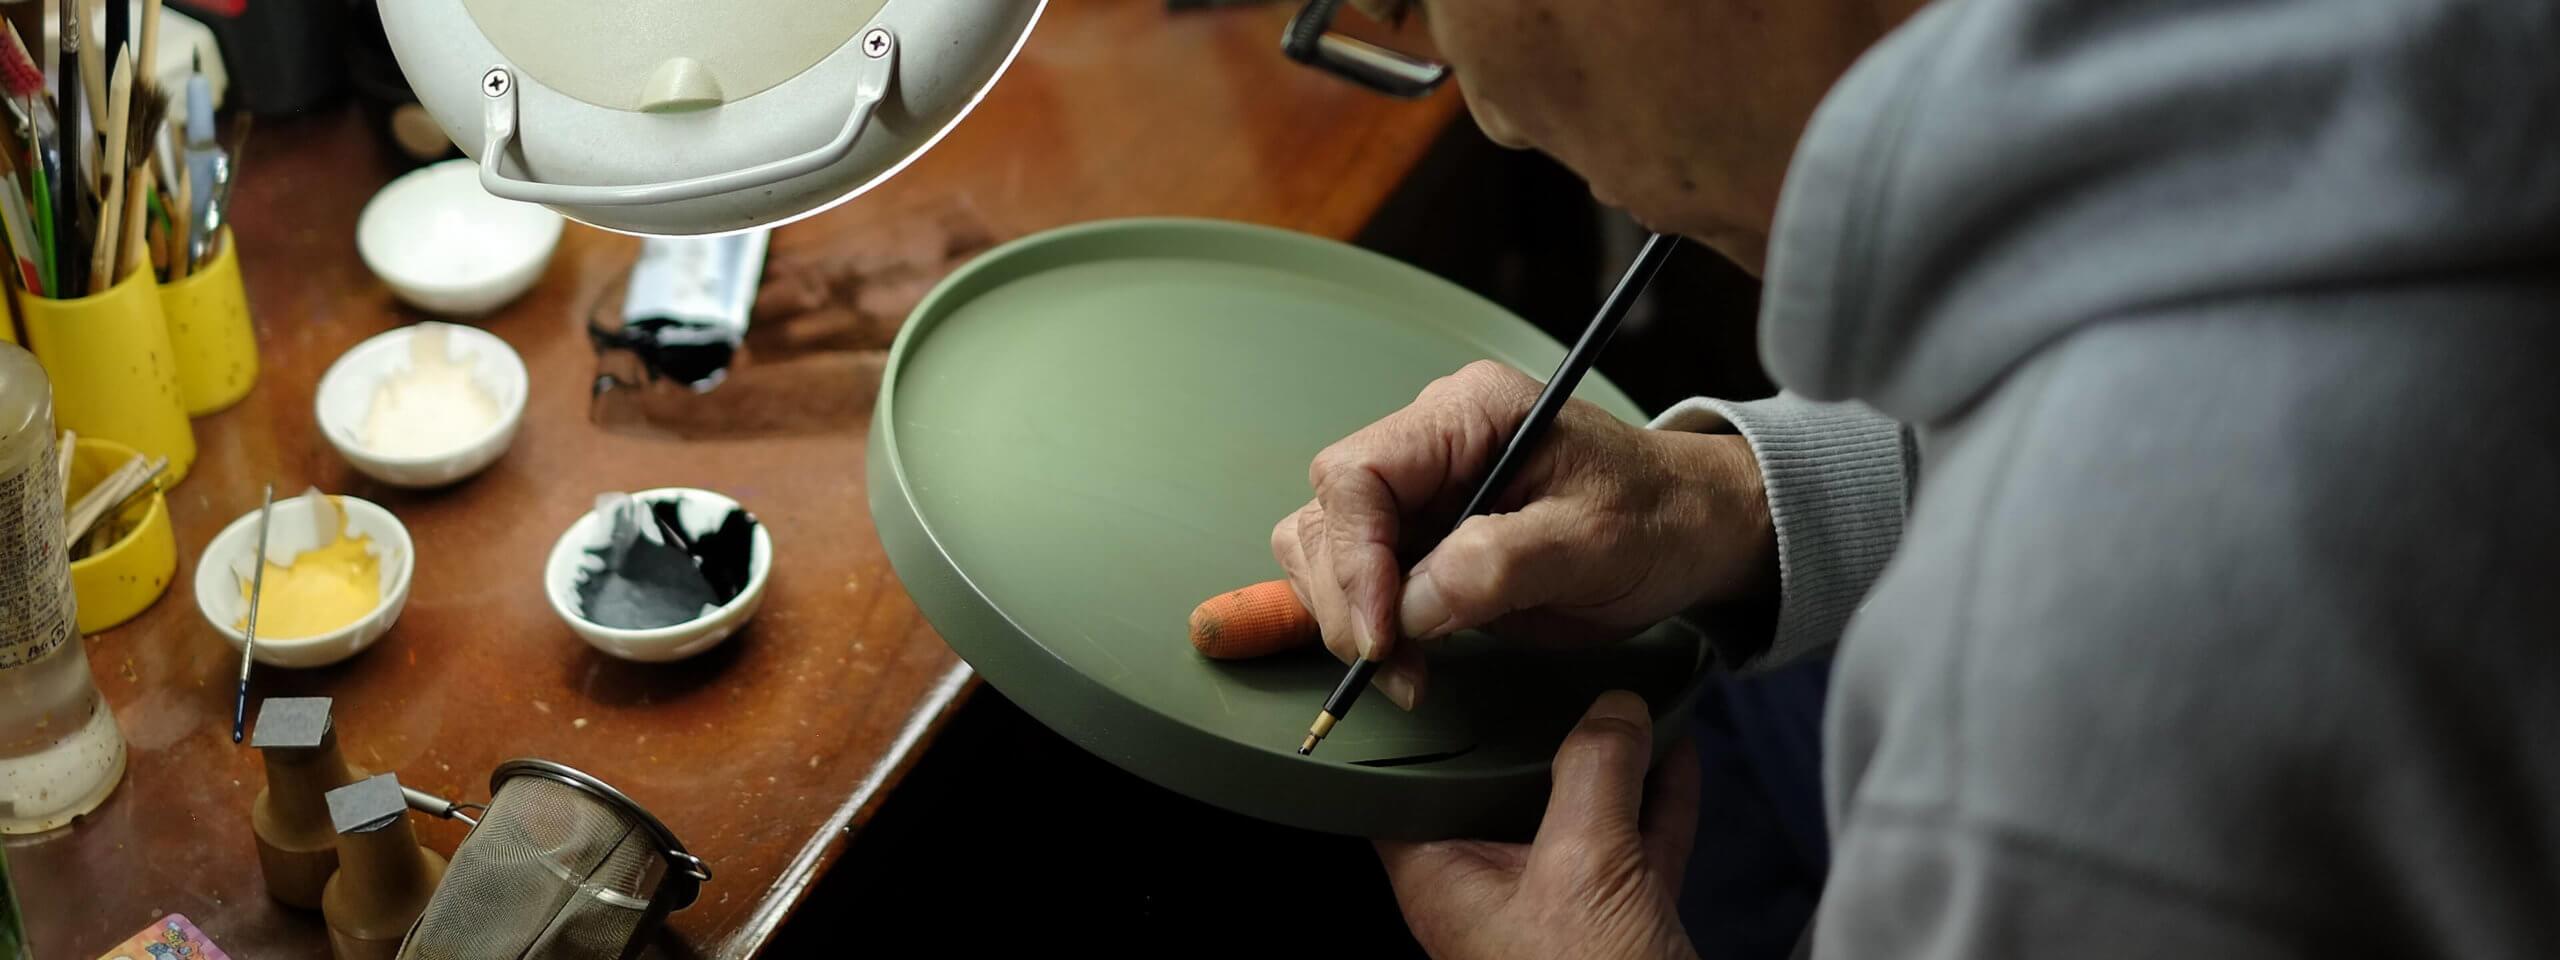 漆絵職人を訪ねる。<br>色漆を追求する表現者